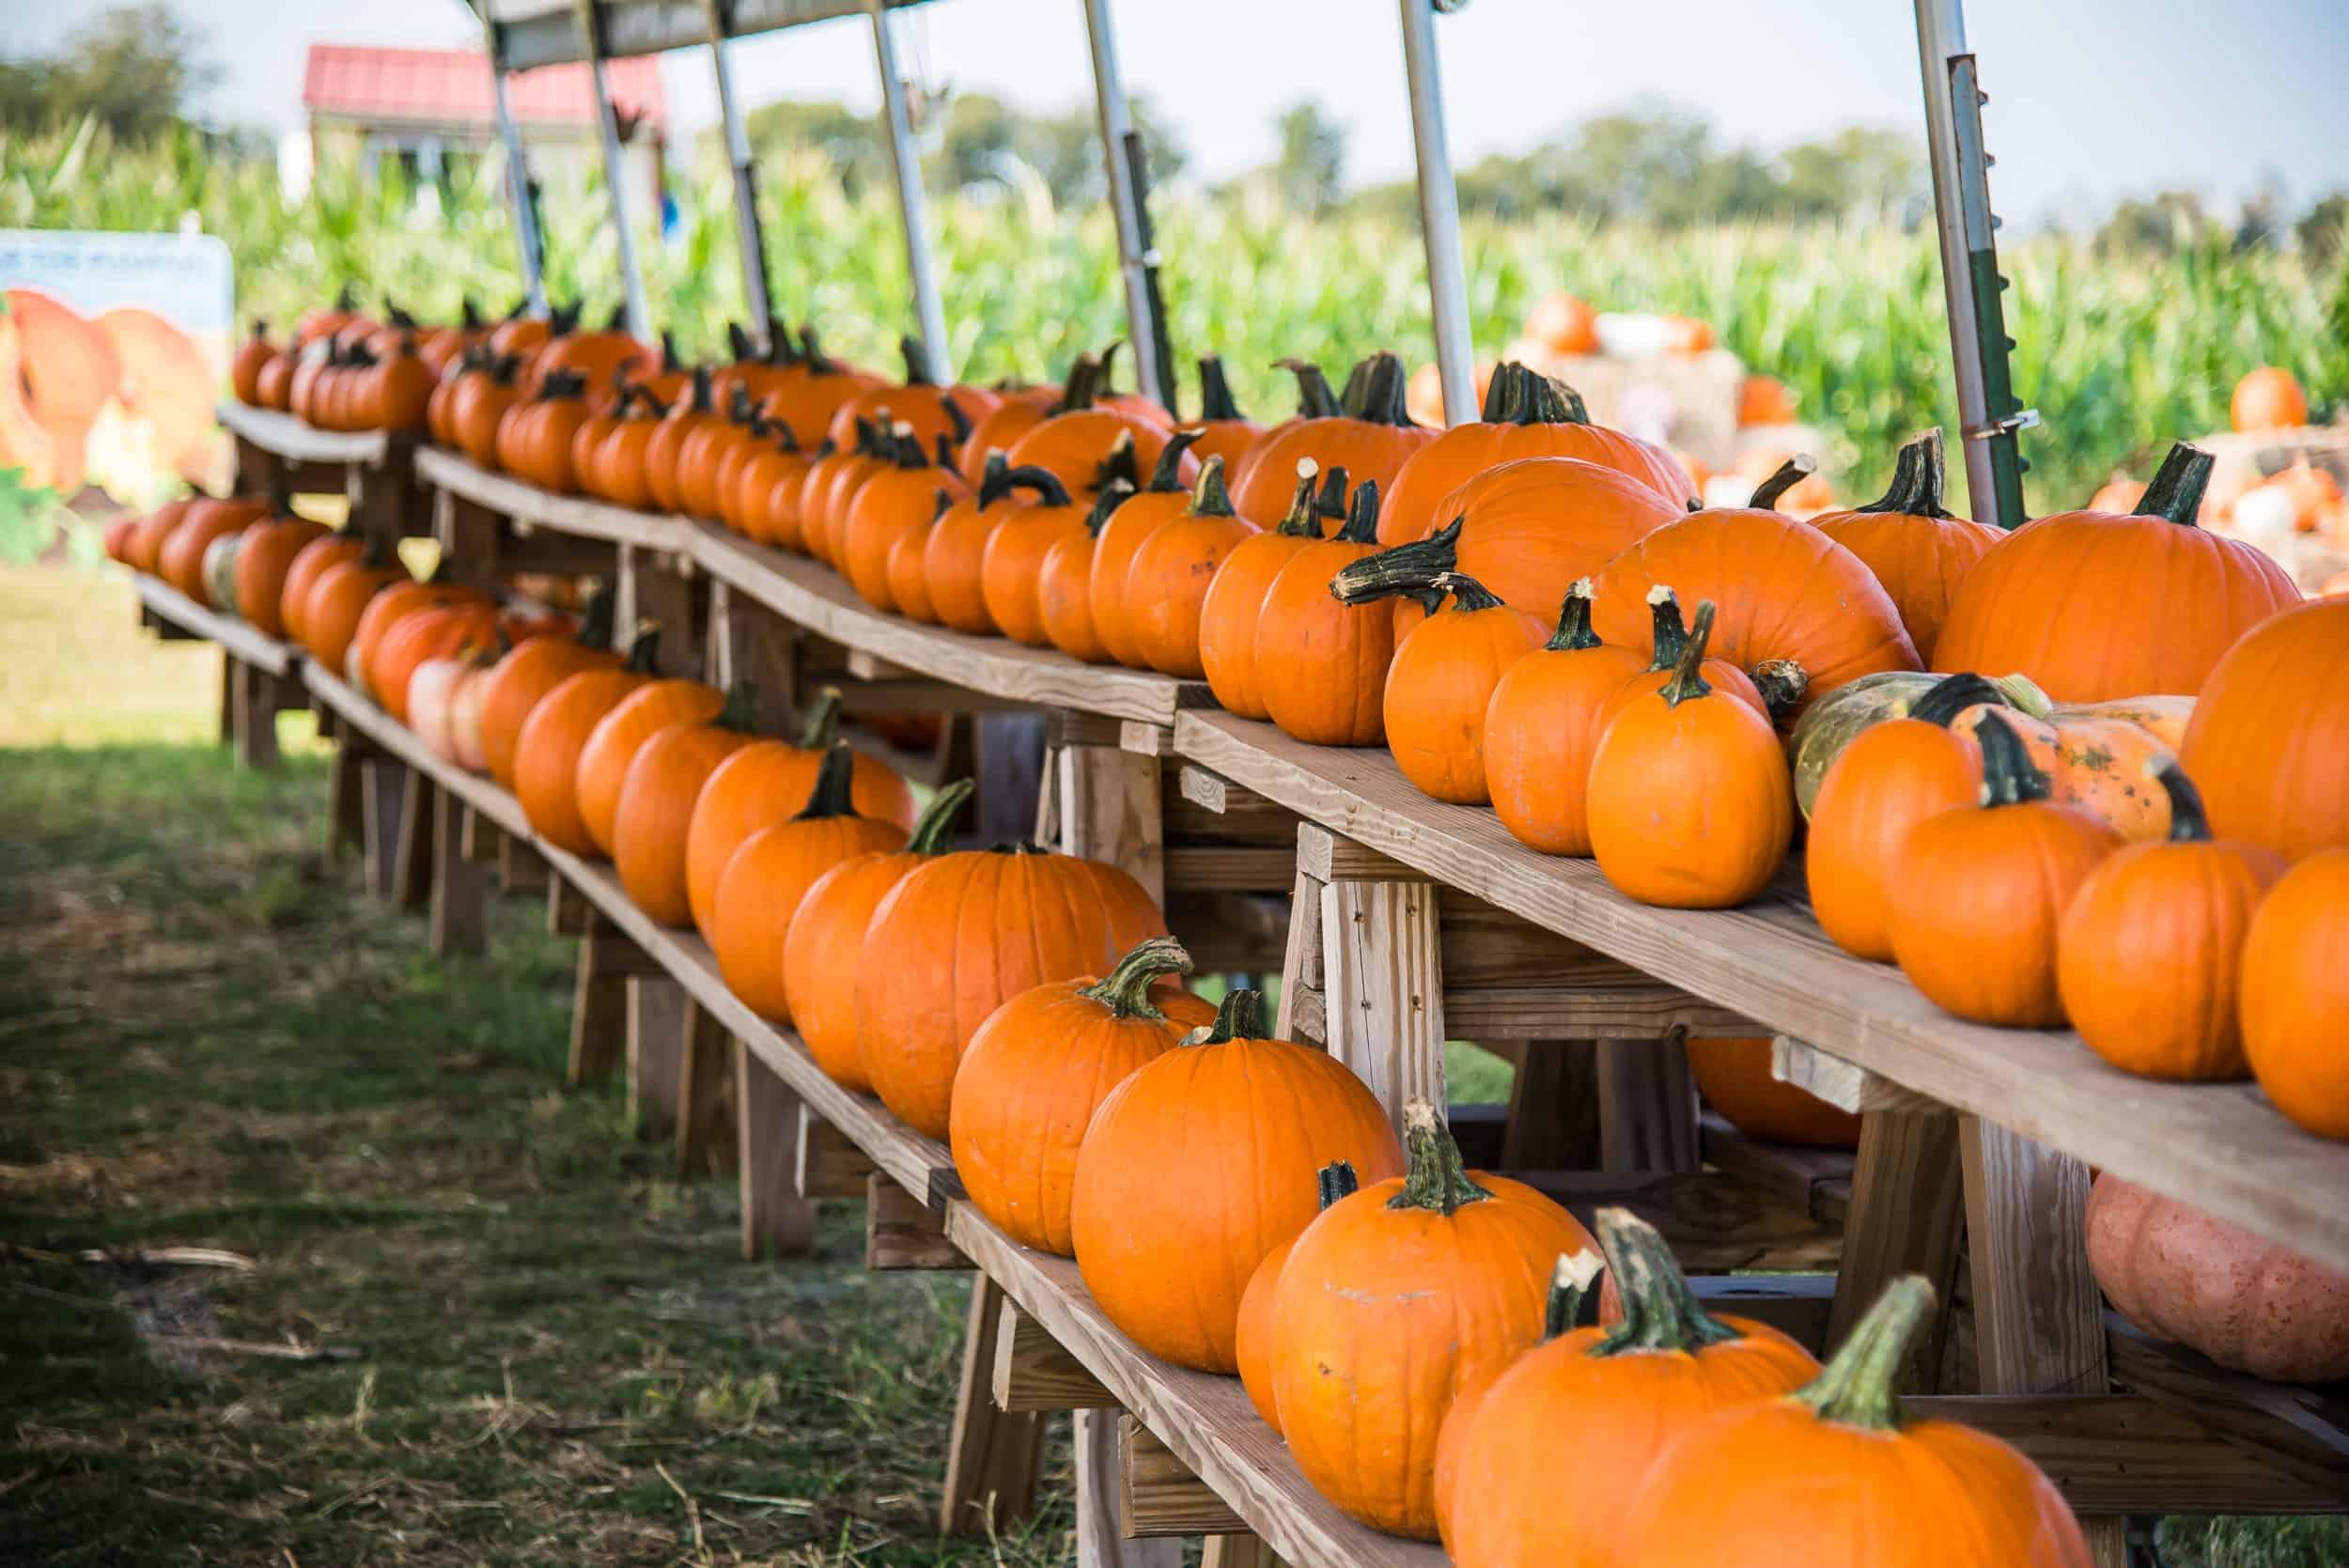 Row of Pumpkins at Barton Hill Farms